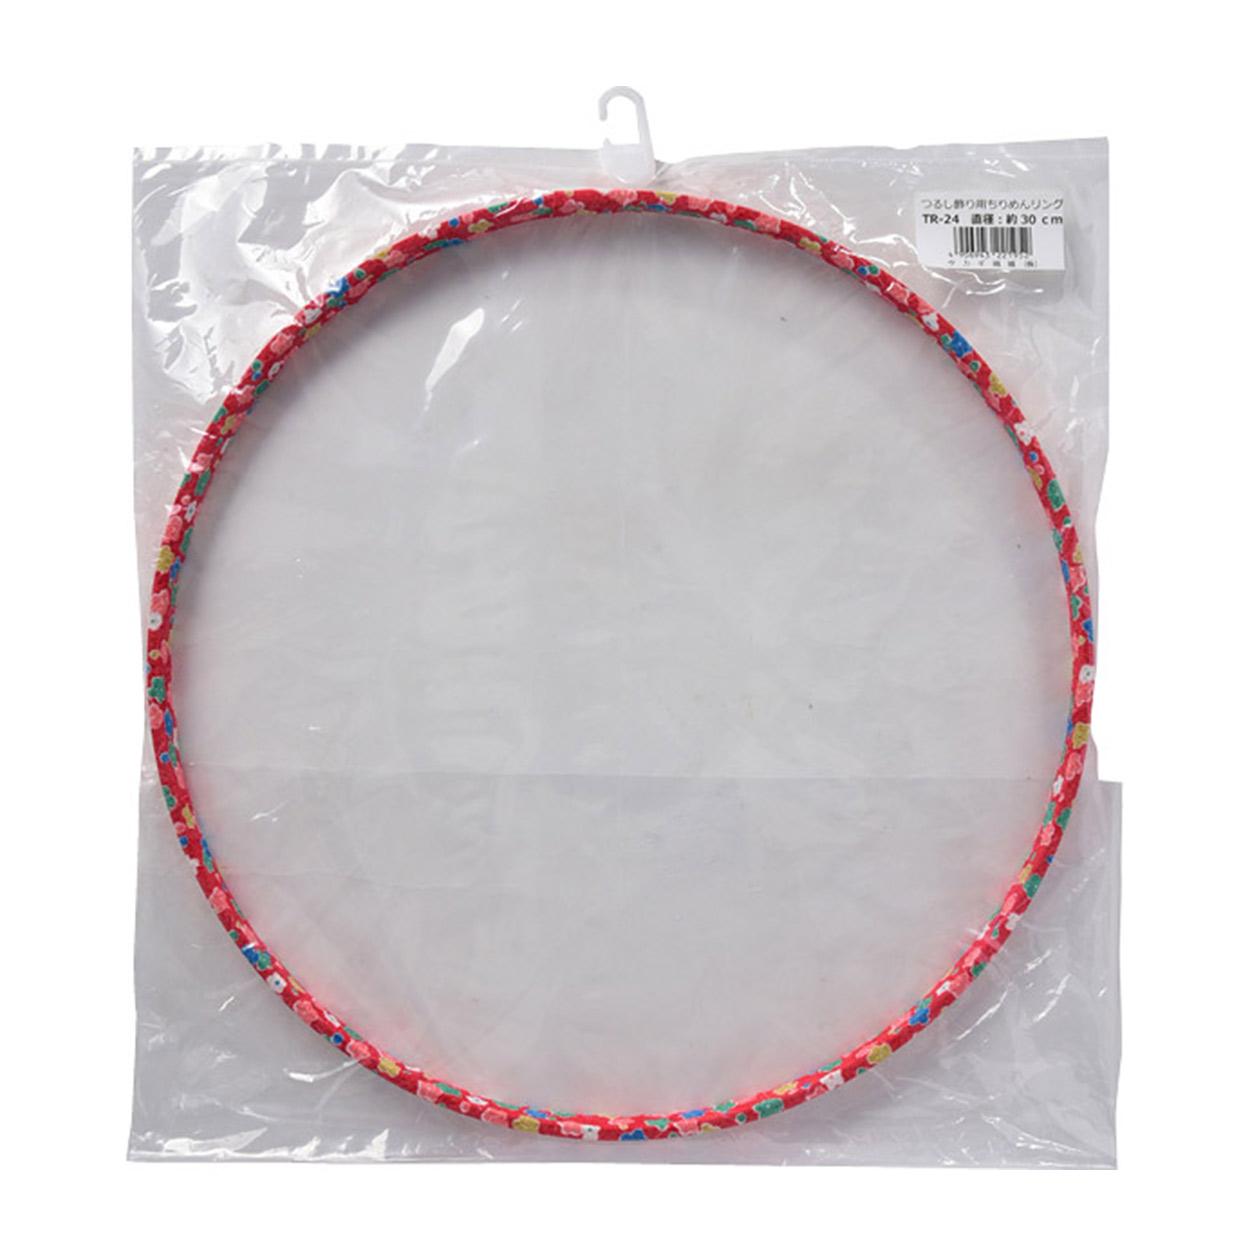 手芸材料 『つるし雛用ちりめんリング 30cm 赤 TR-24』 Panami パナミ タカギ繊維